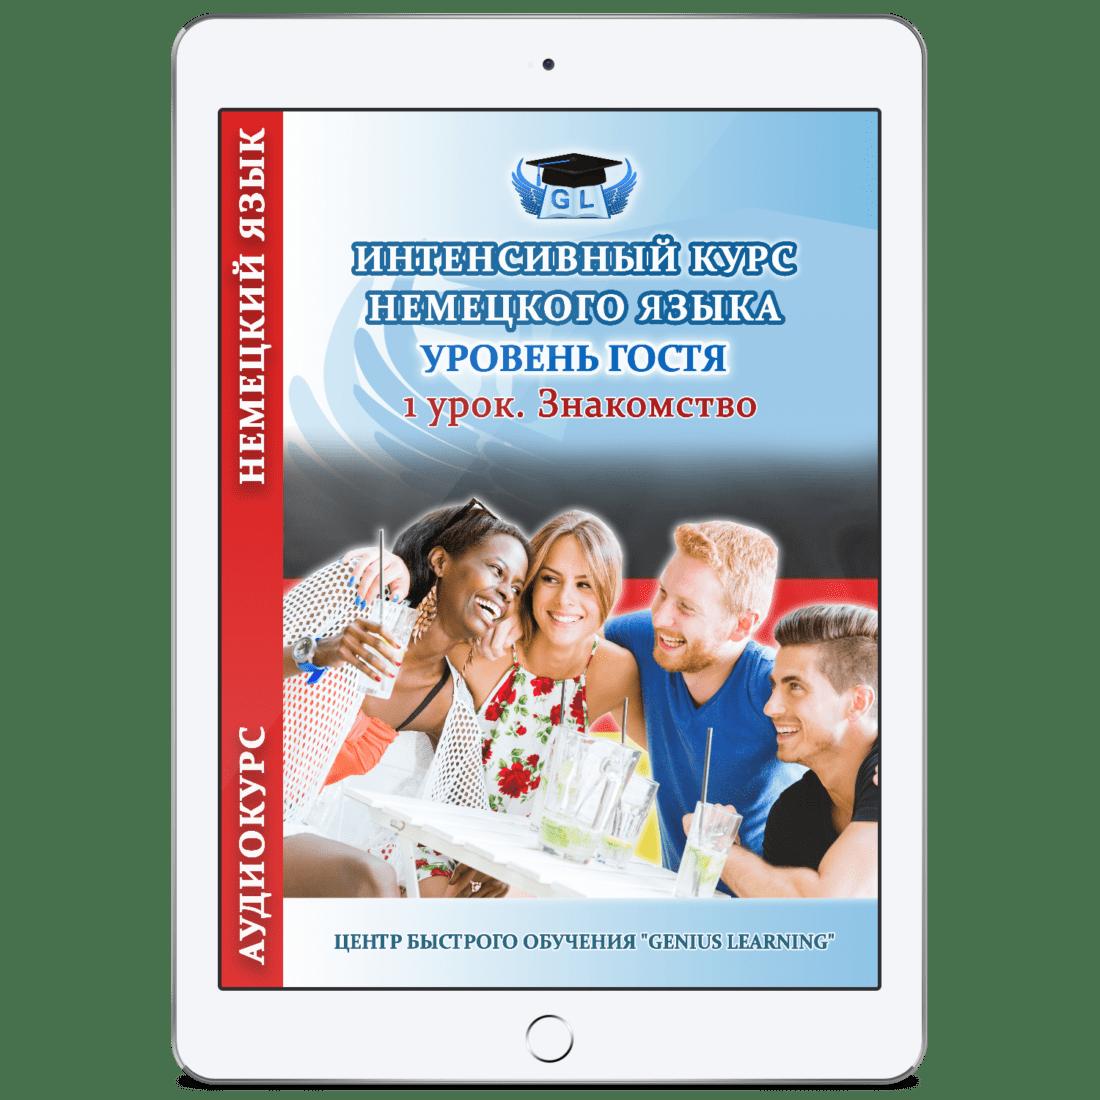 Интенсивный курс немецкого языка: 1 урок - Знакомство